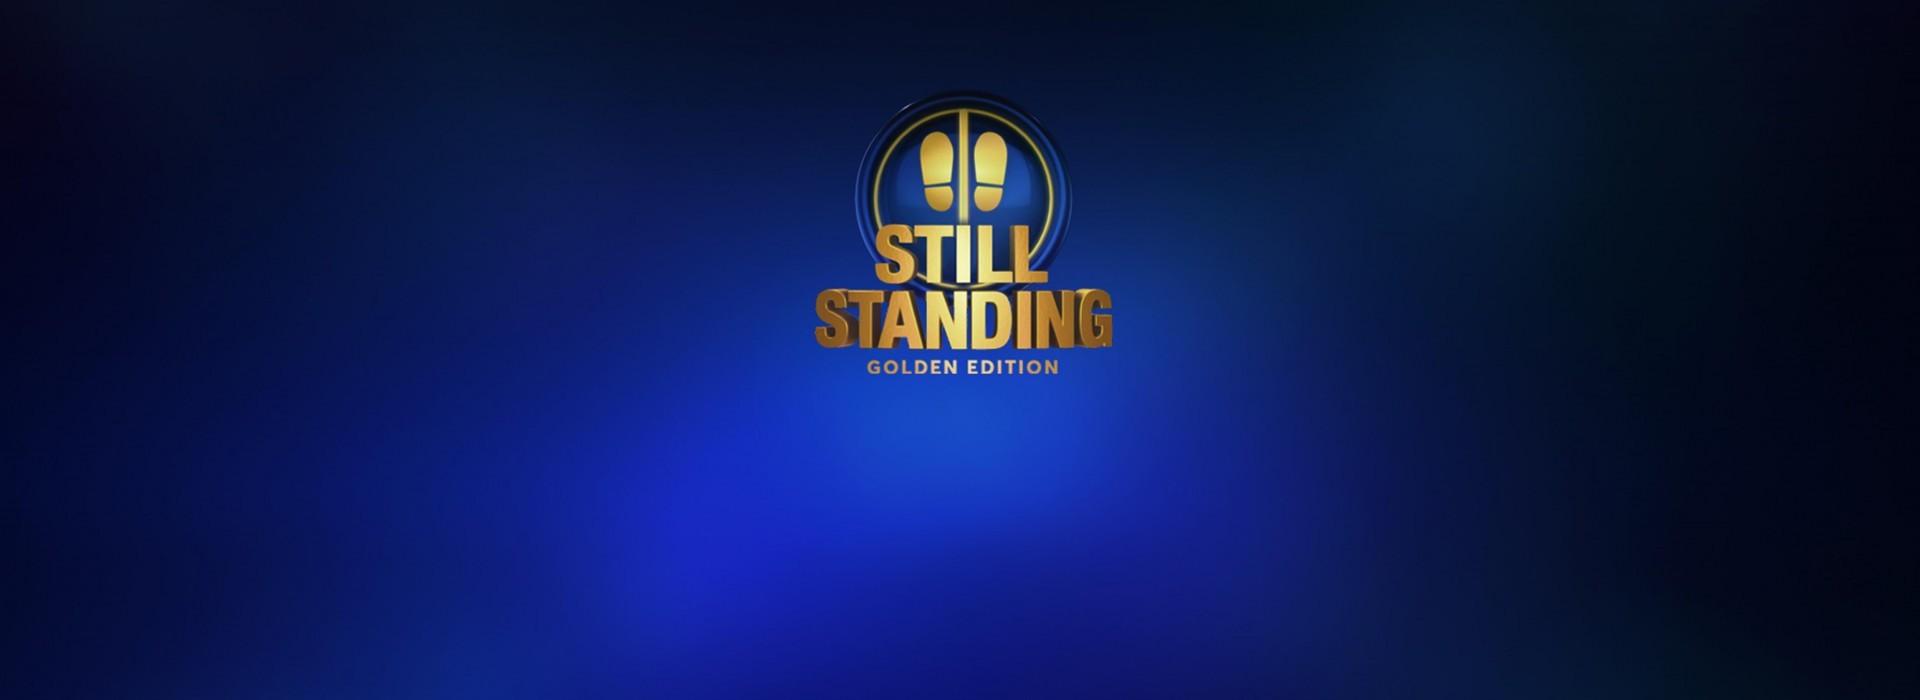 STILL STANDING GOLDEN EDITION